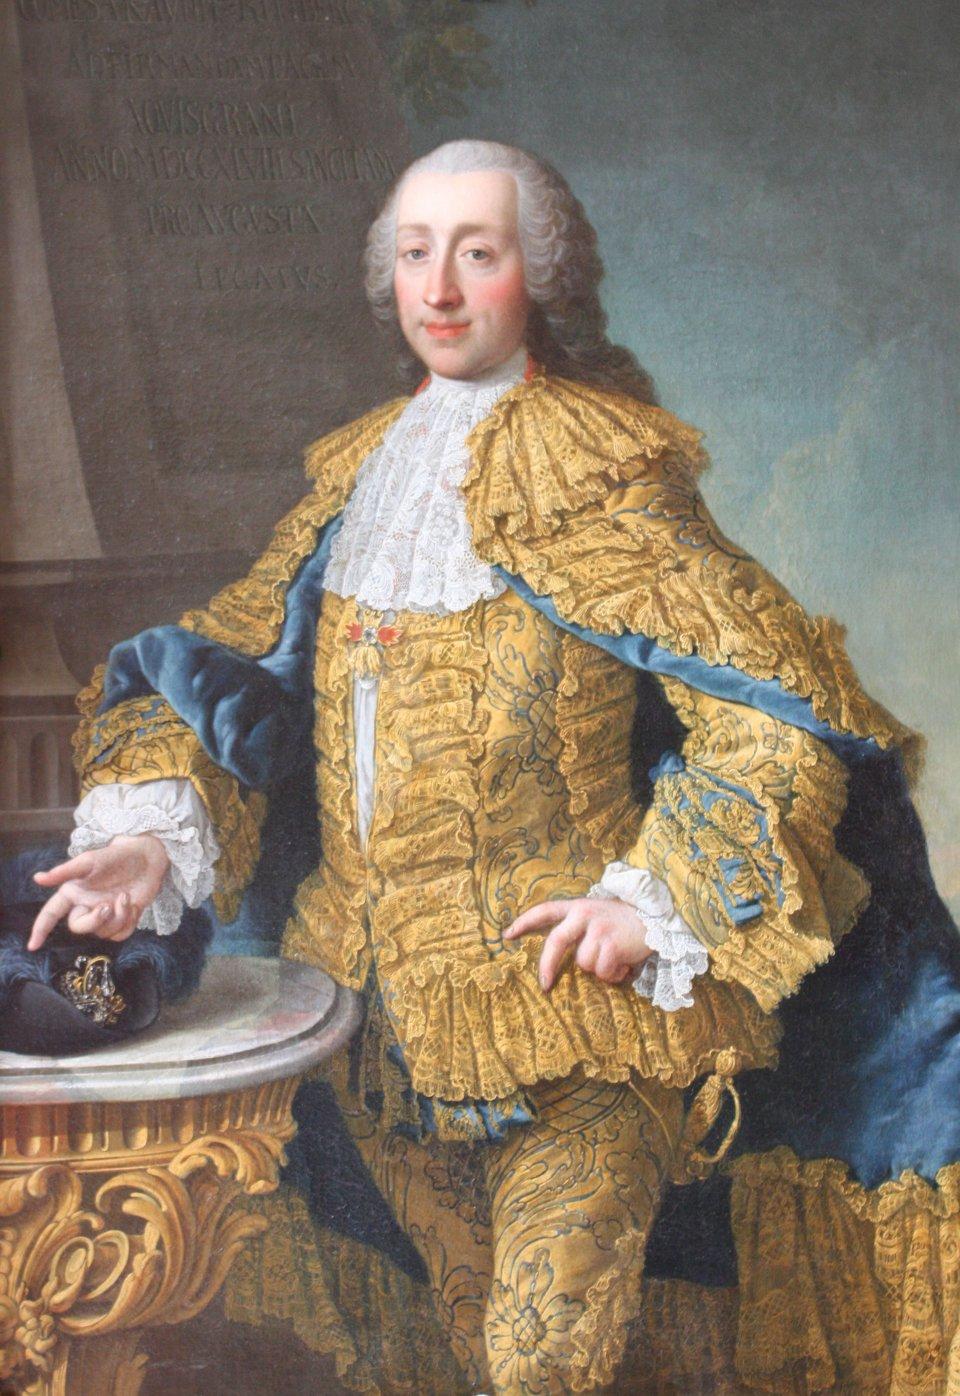 Wenzel Anton von Kaunitz Wenzel Anton von Kaunitz –jeden zczołowych doradców Marii Teresy Źródło: Wenzel Anton von Kaunitz, ok. 1750-1752, olej, domena publiczna.